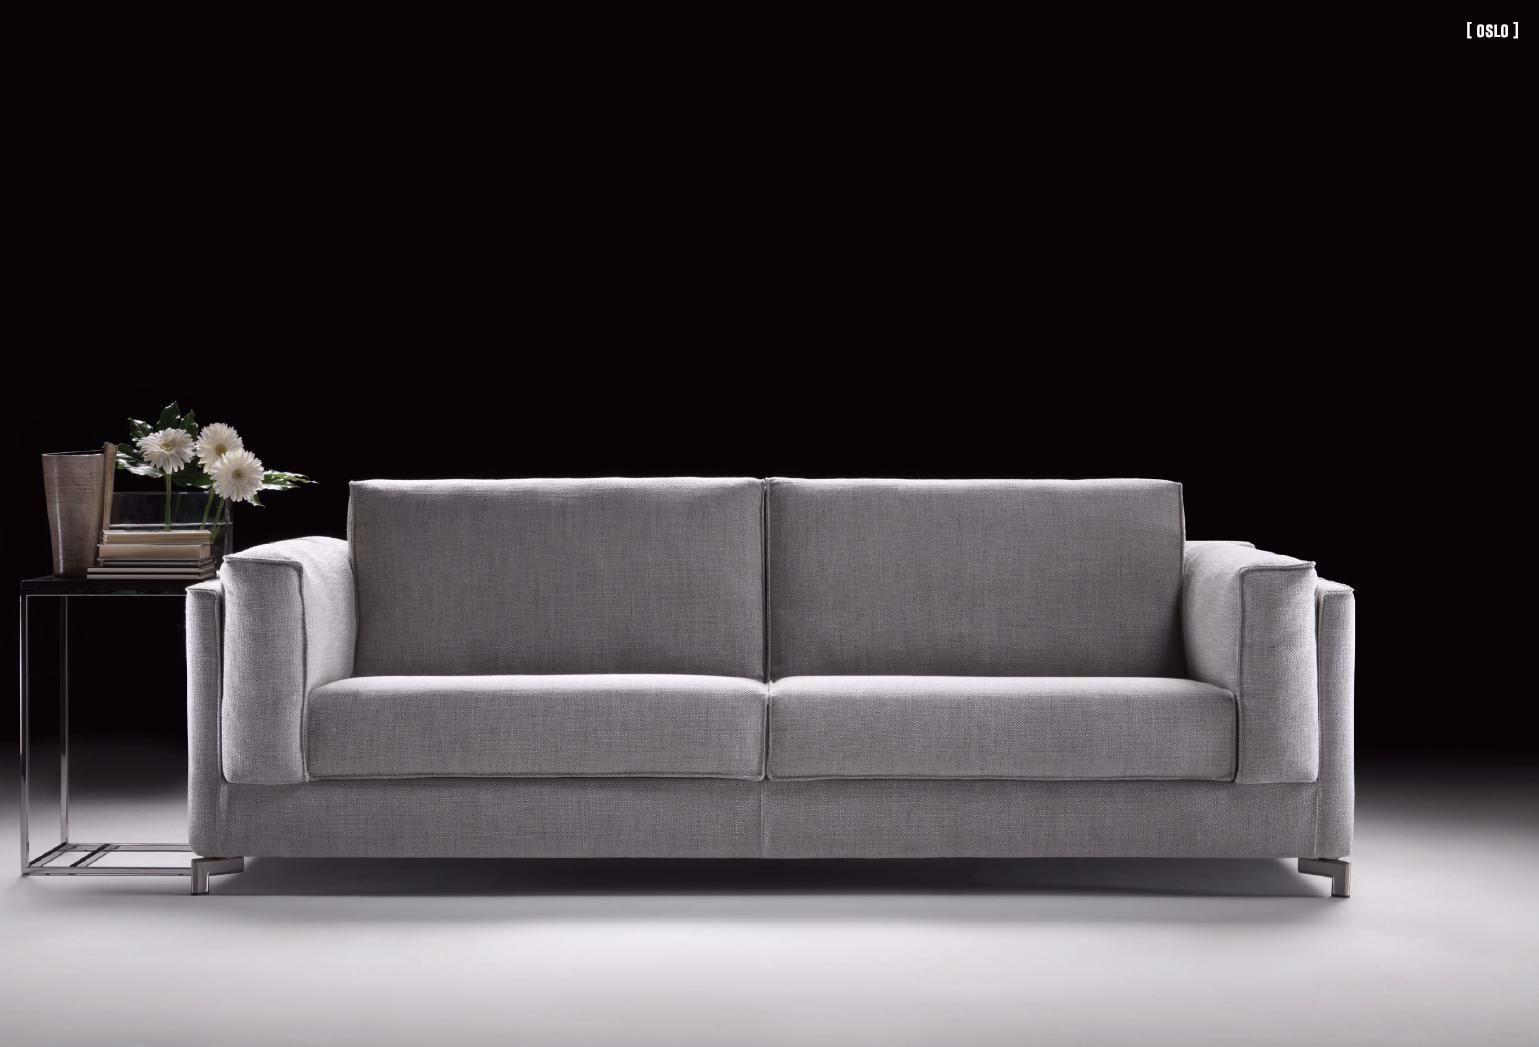 Salotti E Divani Moderni.Divani Moderni Design In 2020 Vanity Design The 100 Love Seat